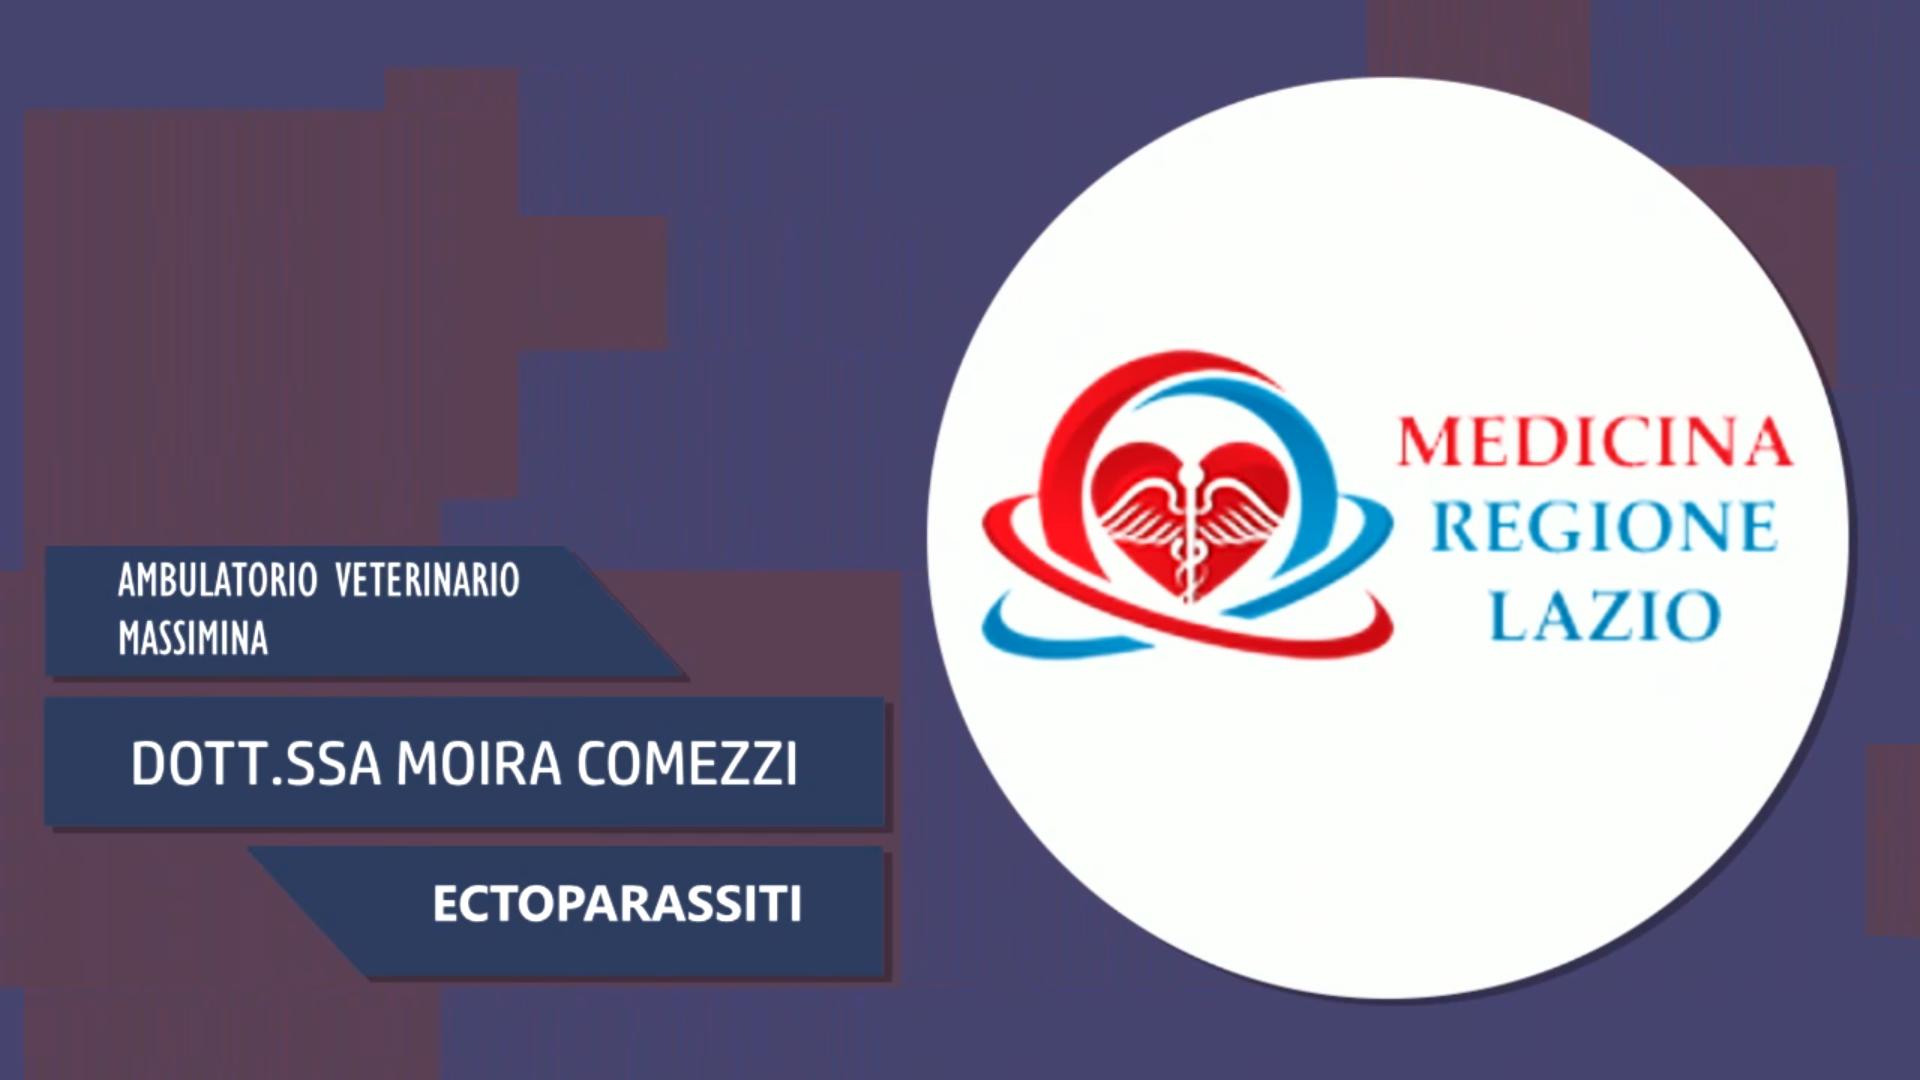 Intervista alla Dott.ssa Moira Comezzi – Ectoparassiti